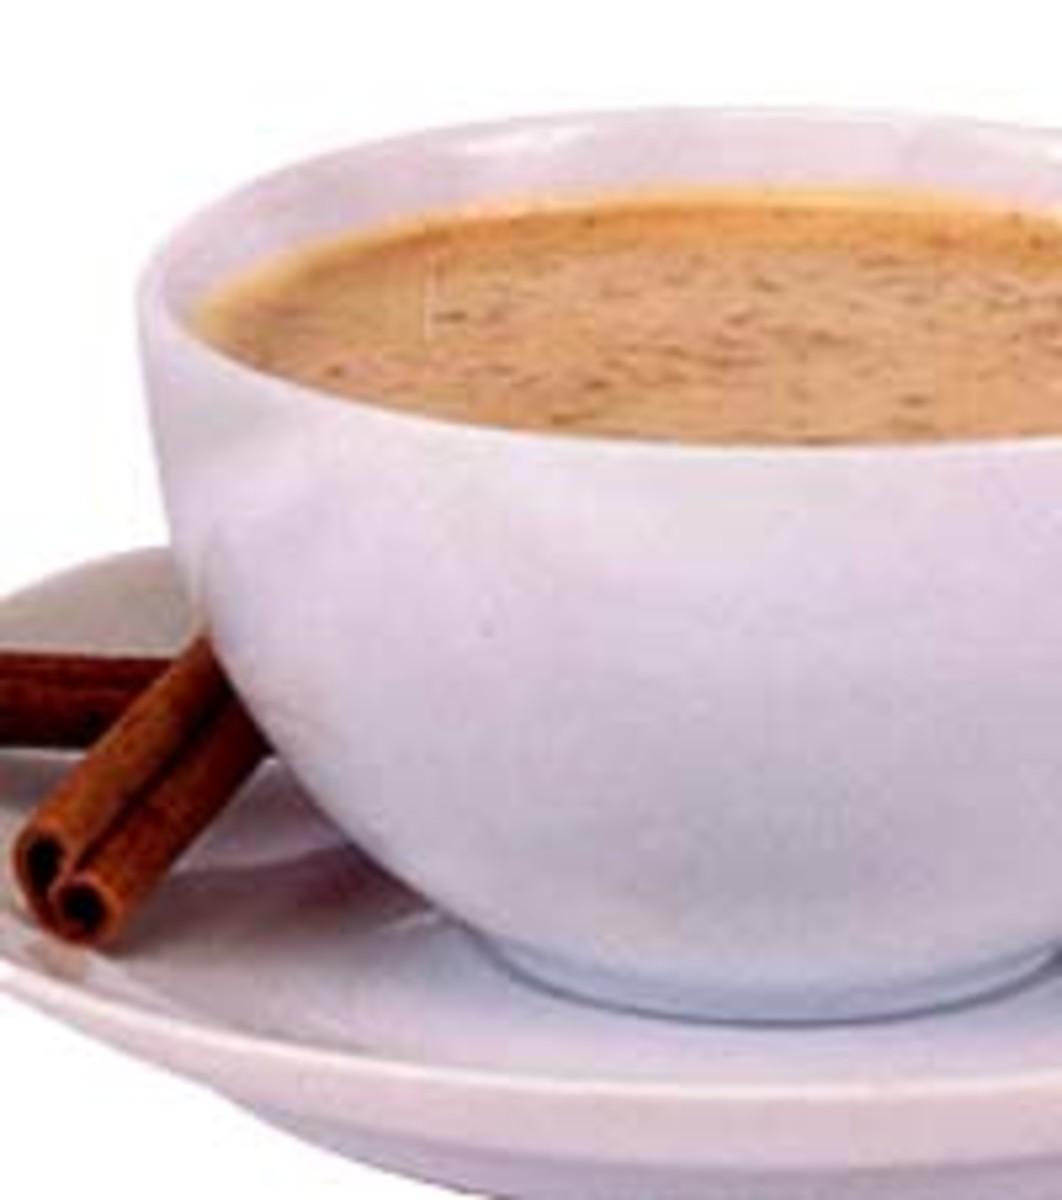 Medifast Cocoa